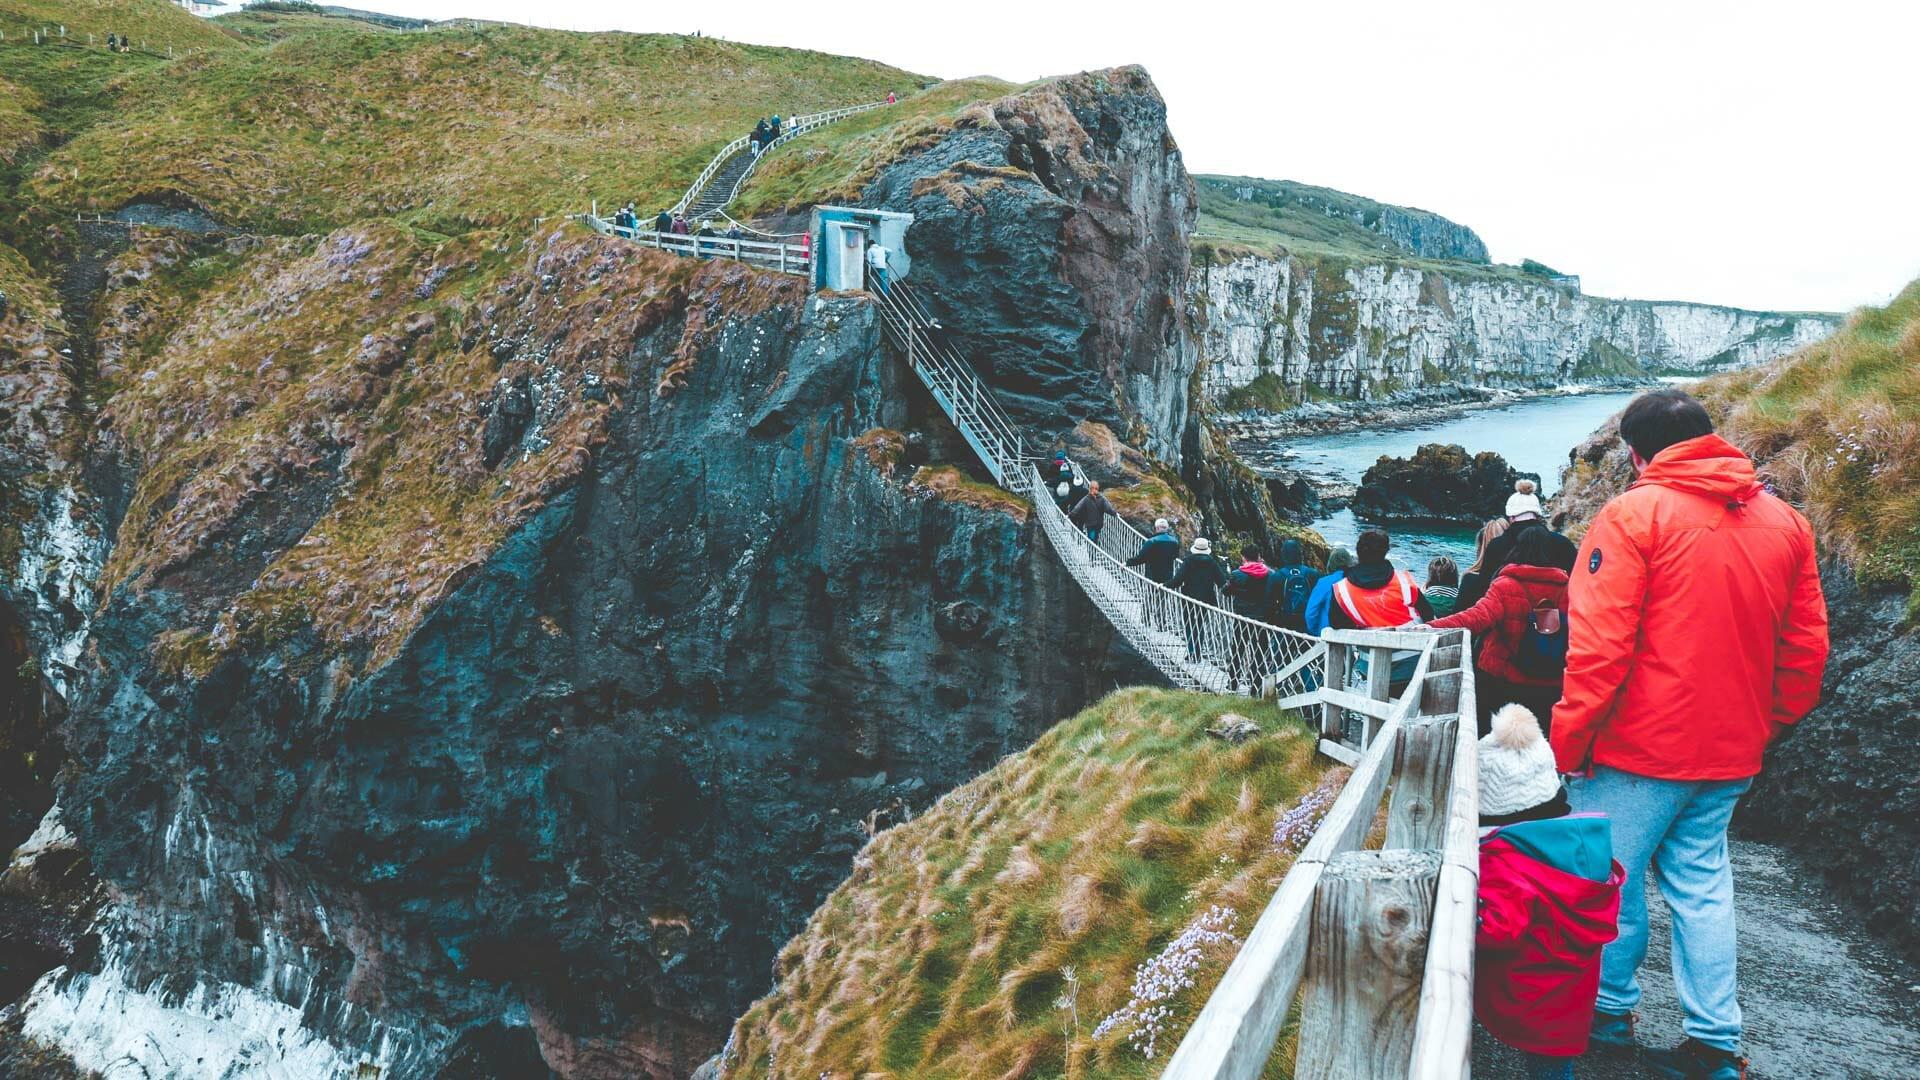 le Pont de corde de Carrick-a-rede